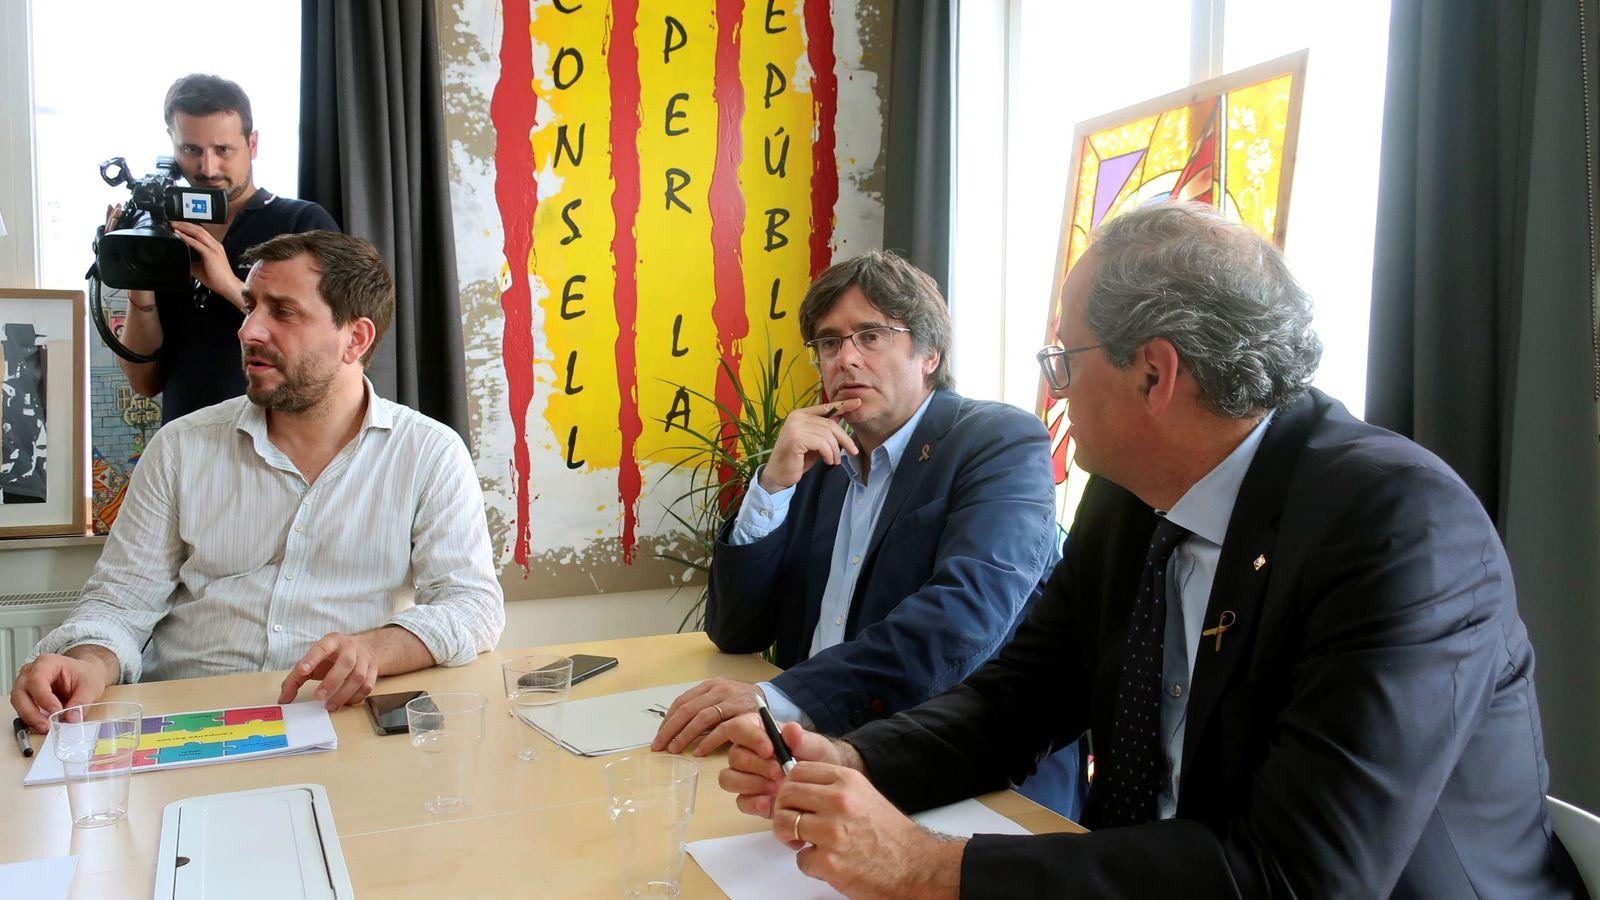 Foto: El expresidente de la Generalitat, Carles Puigdemont (c), conversa con su exconsejero Toni Comín (i) y con el actual presidente, Quim Torra, en Waterloo. (EFE)